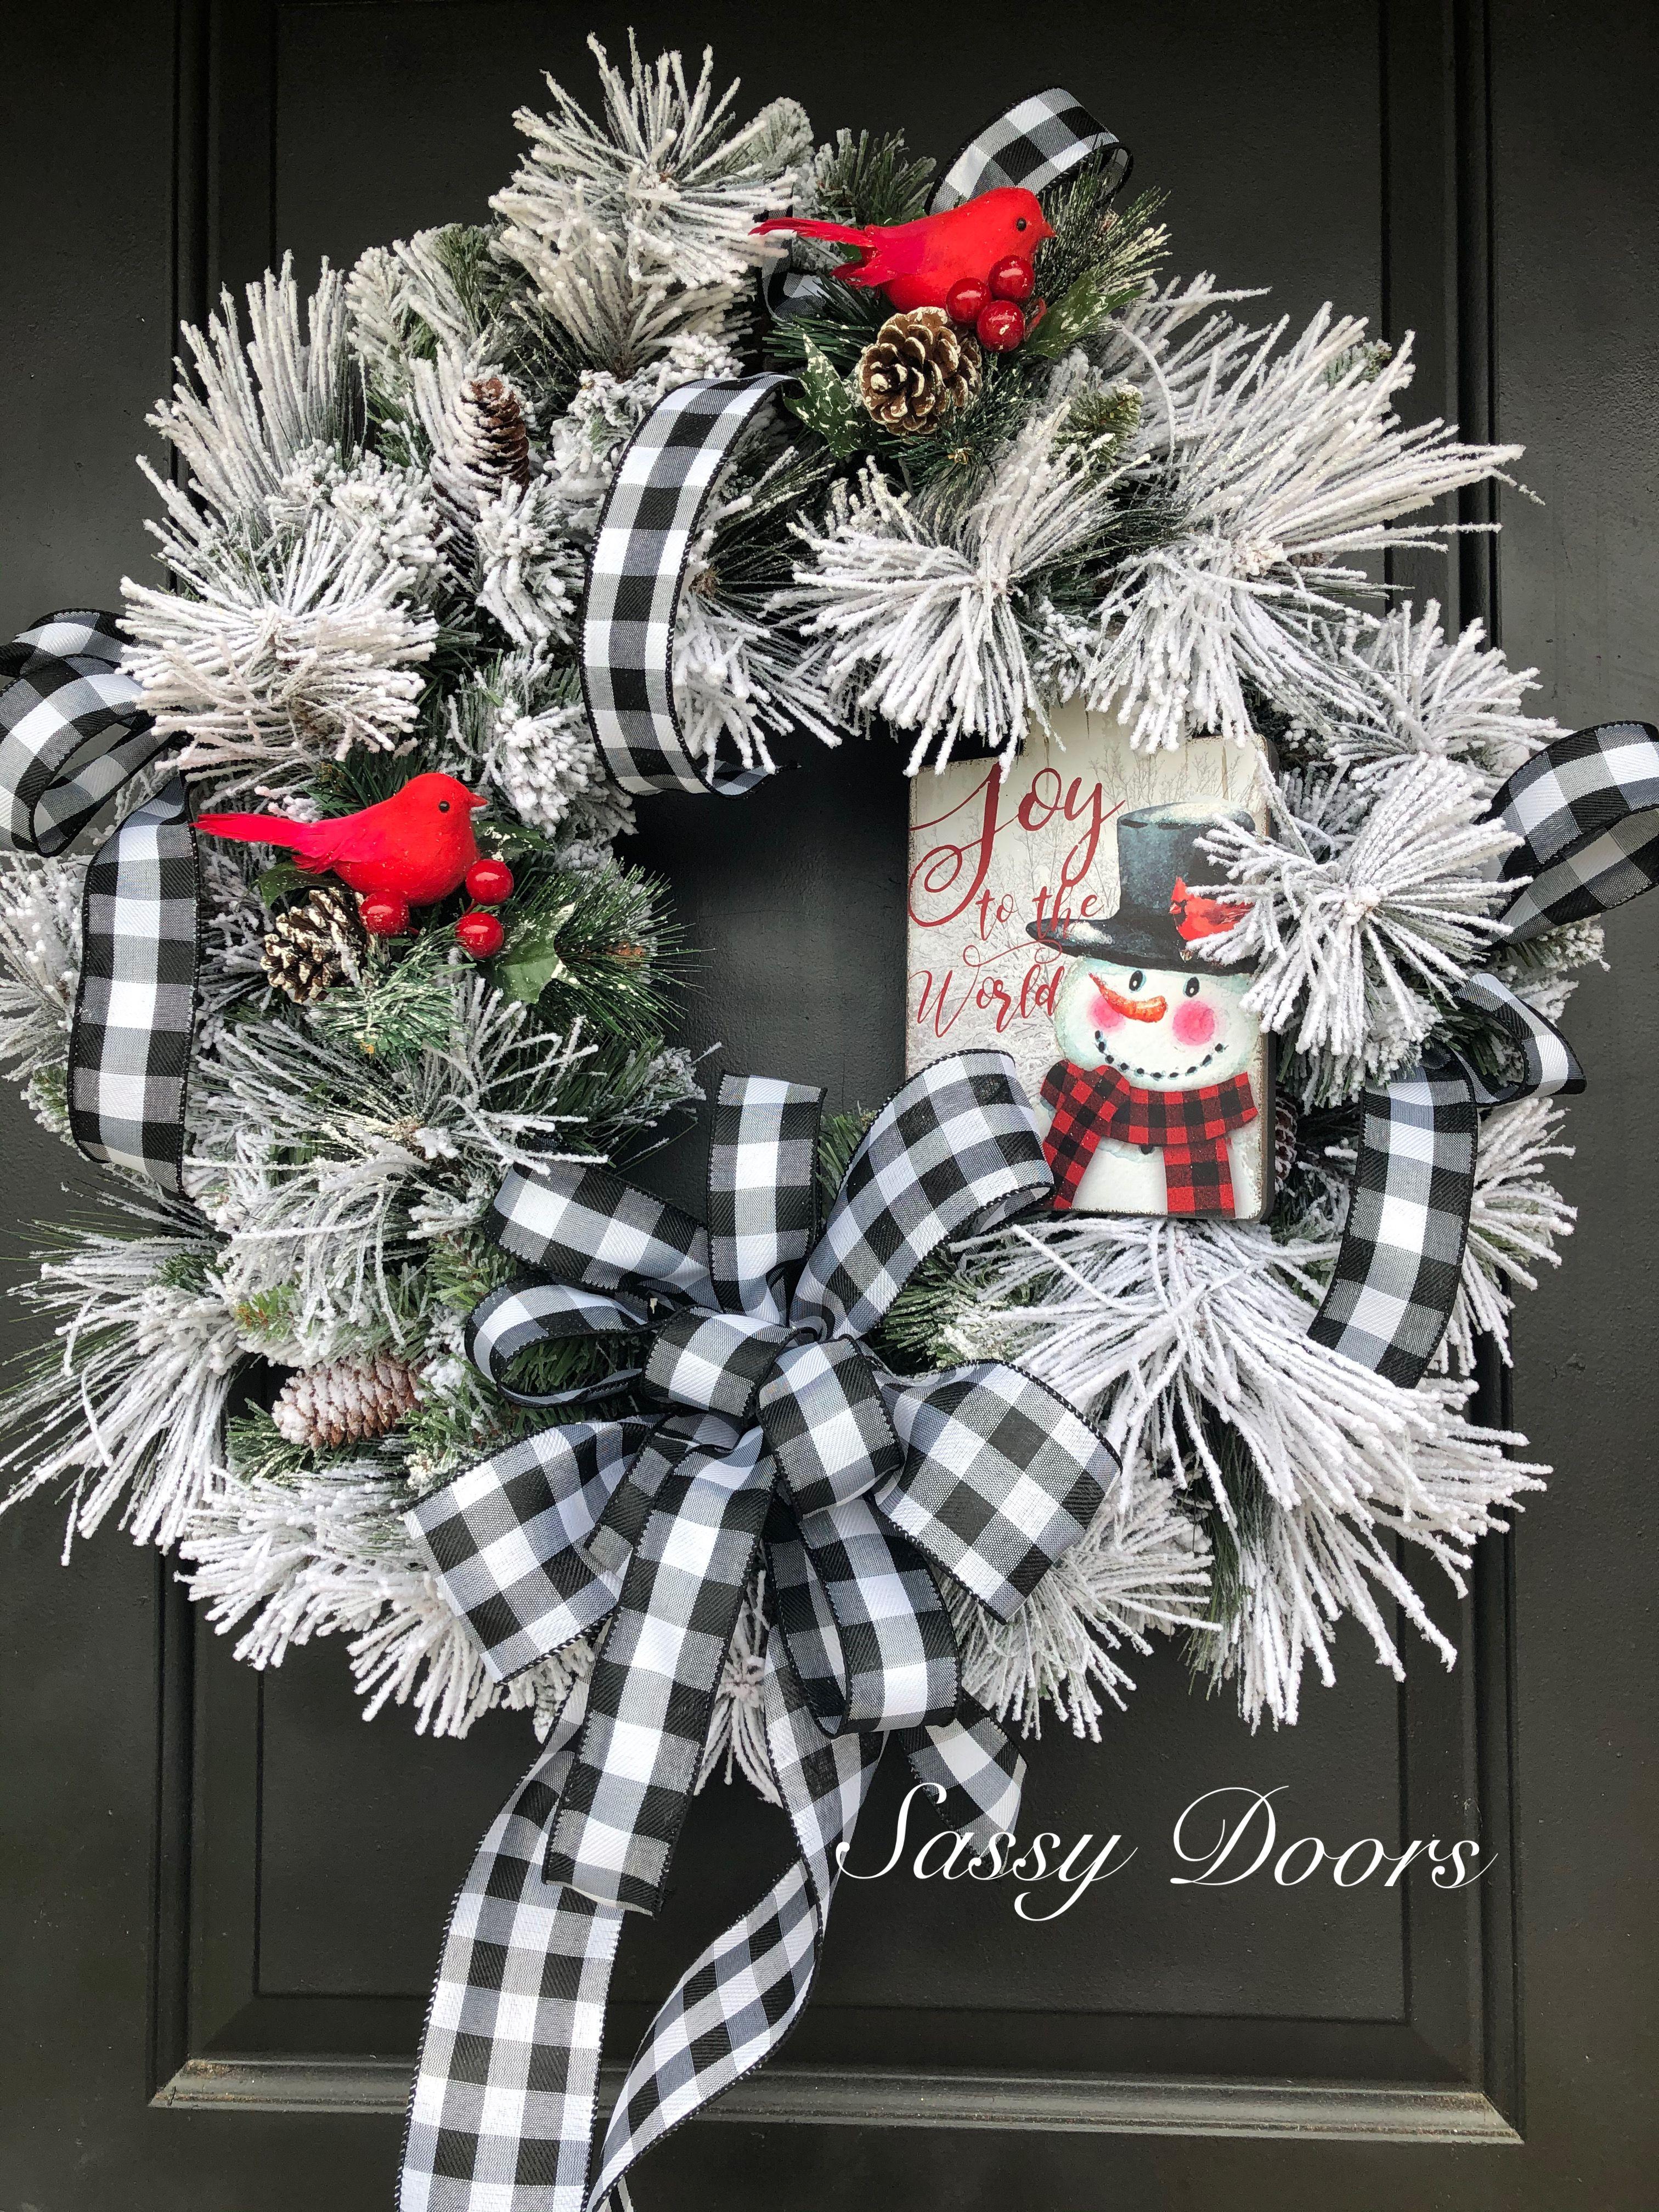 Front Door Wreaths Snowman Door Wreaths Buffalo Plaid Wreath Holiday Decor Snowman Christmas Wreath Christmas Wreaths Christmas Decor